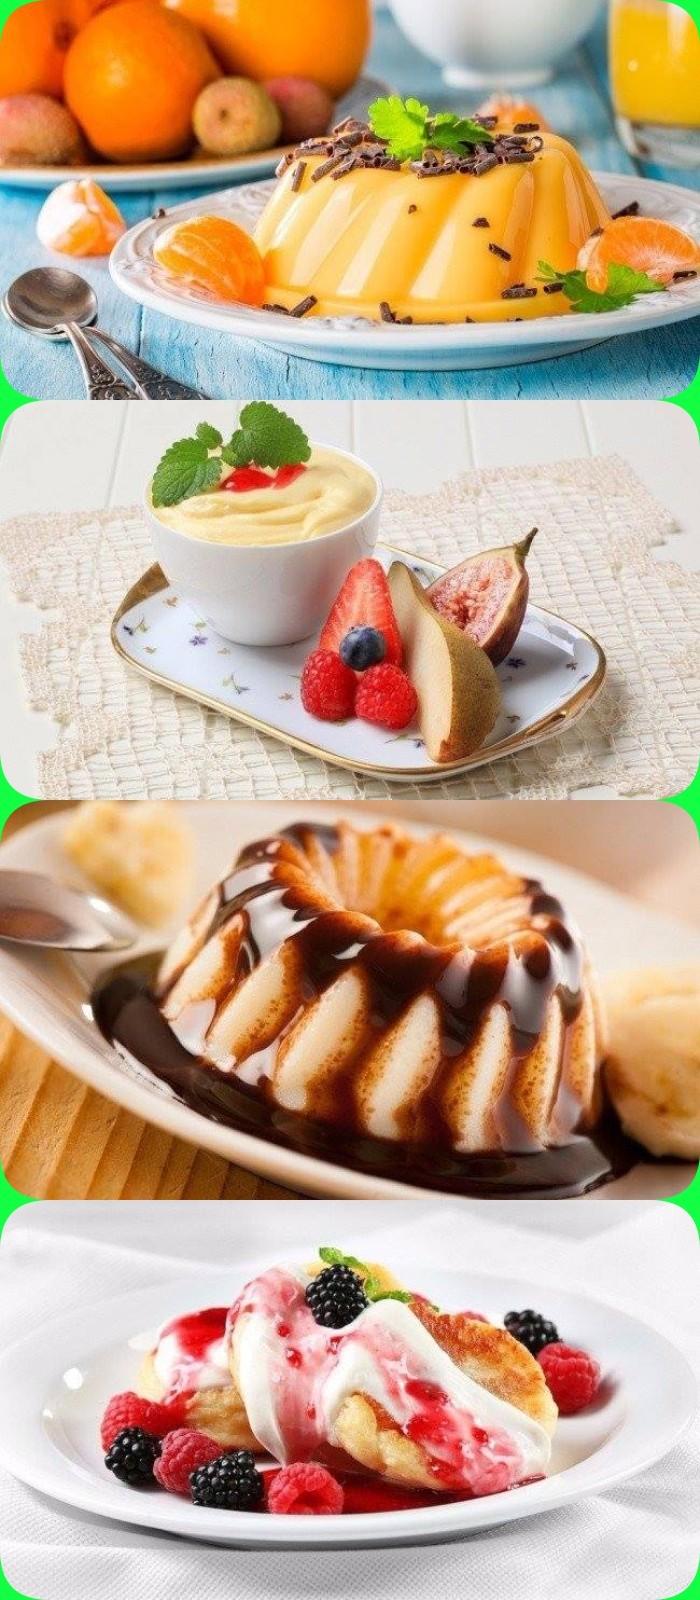 Десерты из манки — нежные и вкусные! ТОП 5 рецептов